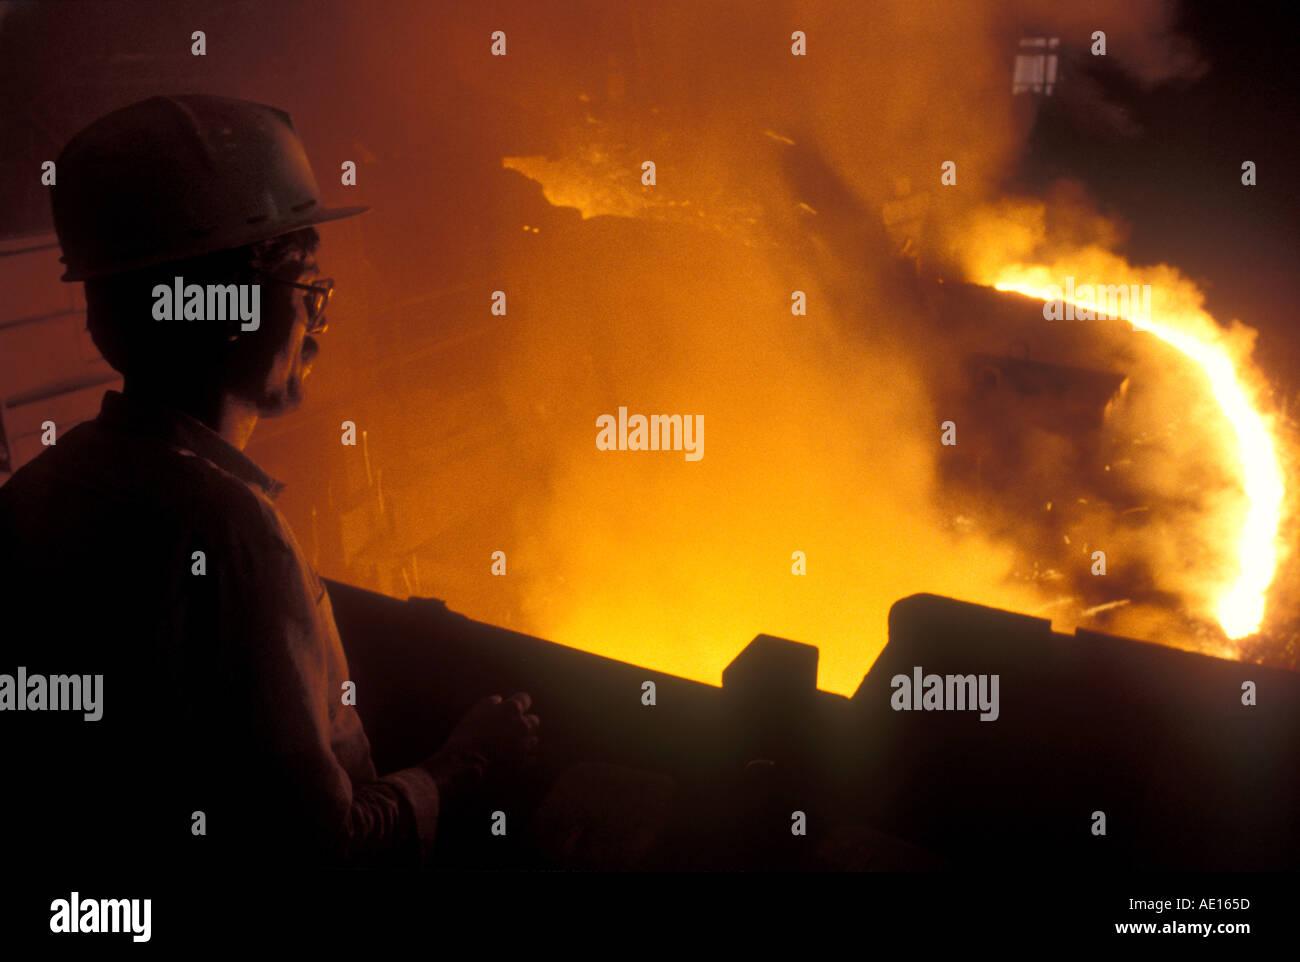 Forno de aço no SAIL Autoridade de aço da Índia Ltd planta Bokaro Jharkhand Índia Imagens de Stock